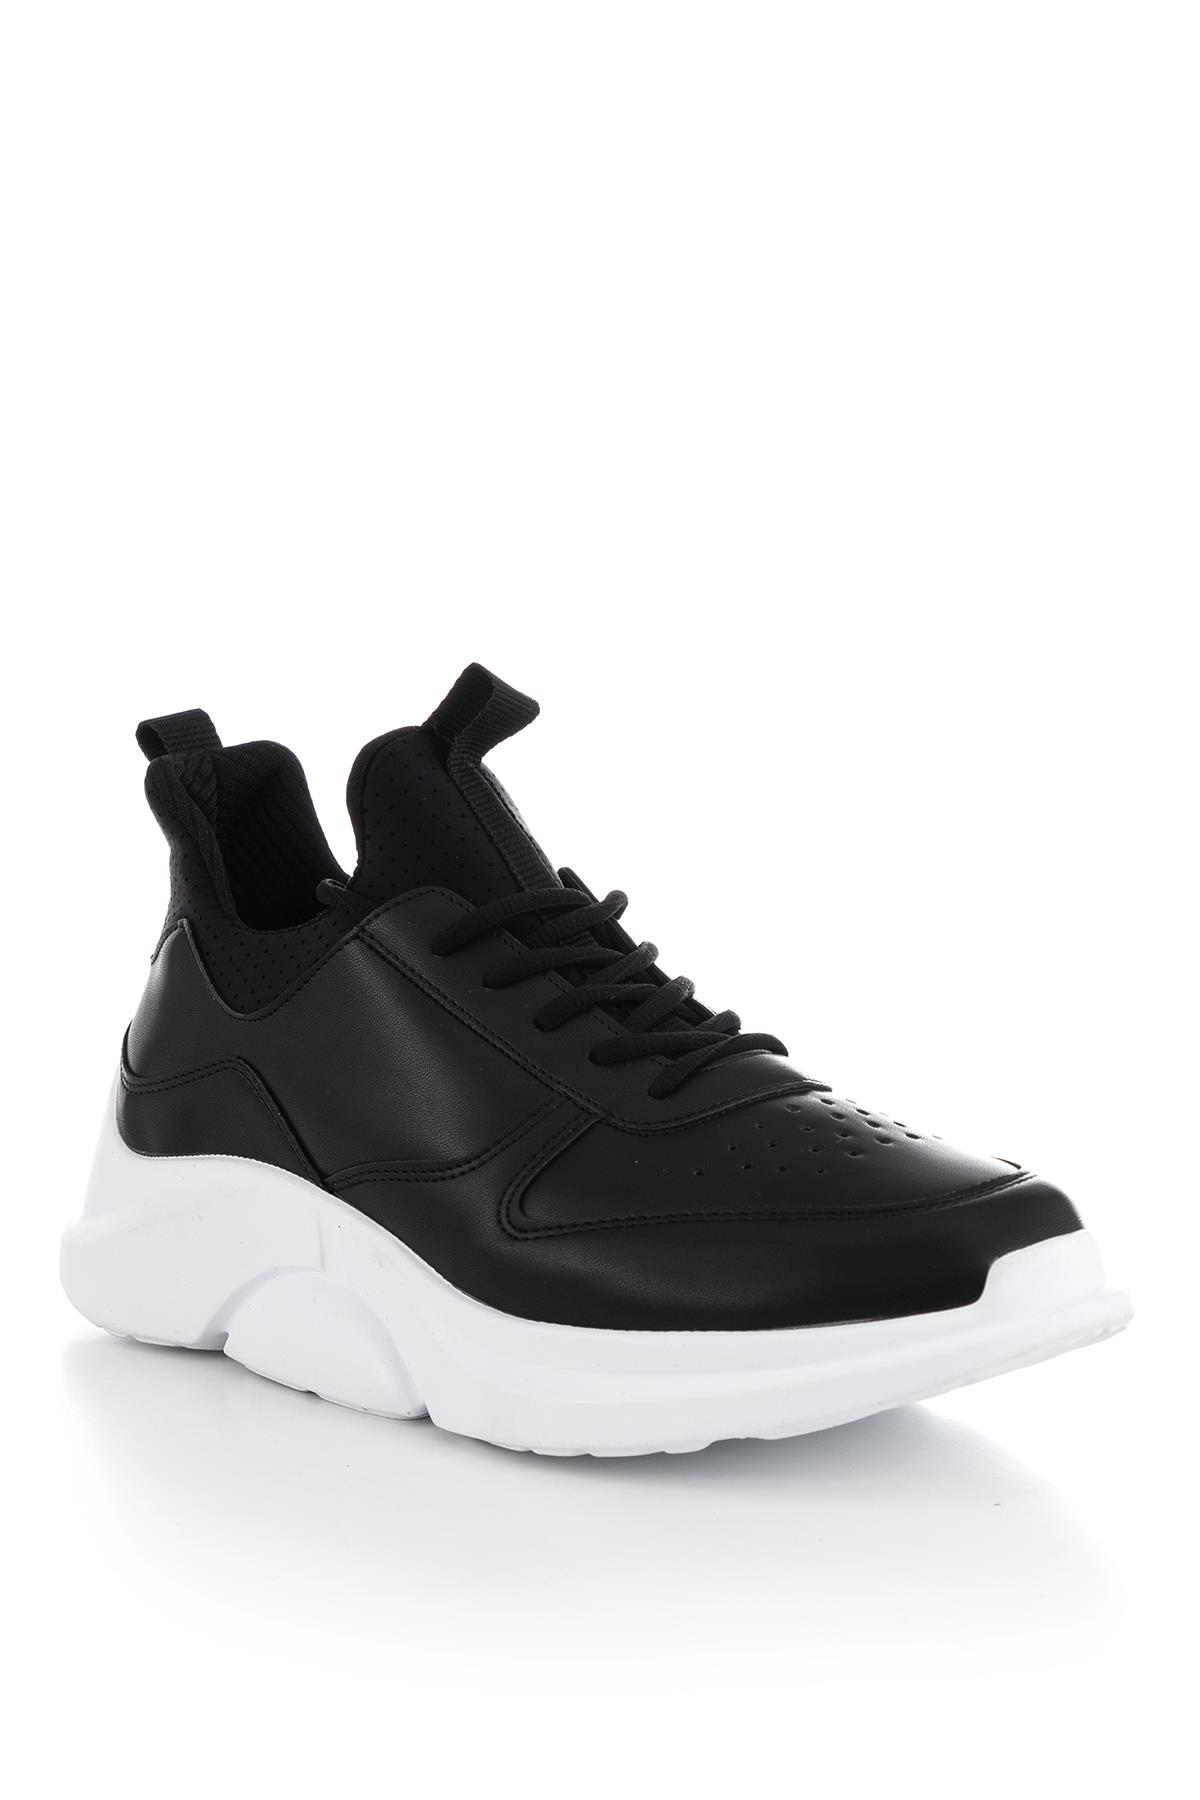 حذاء رياضة أبيض أسود رجالي